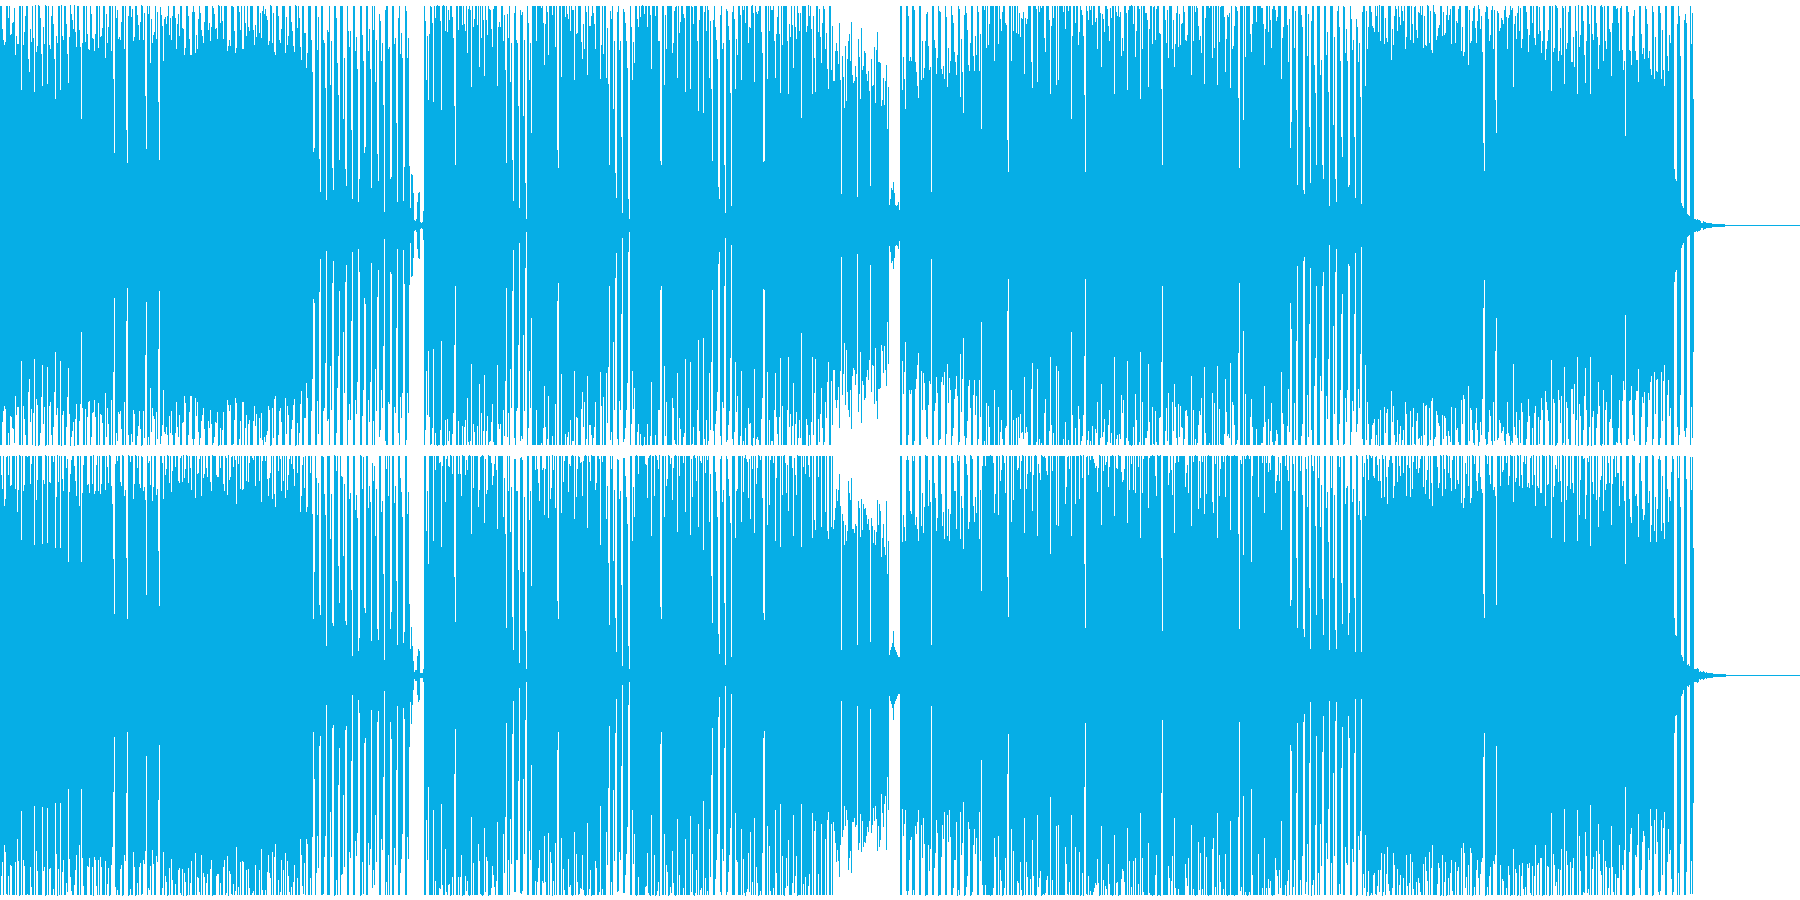 単音メロディーのテクノサウンドの再生済みの波形